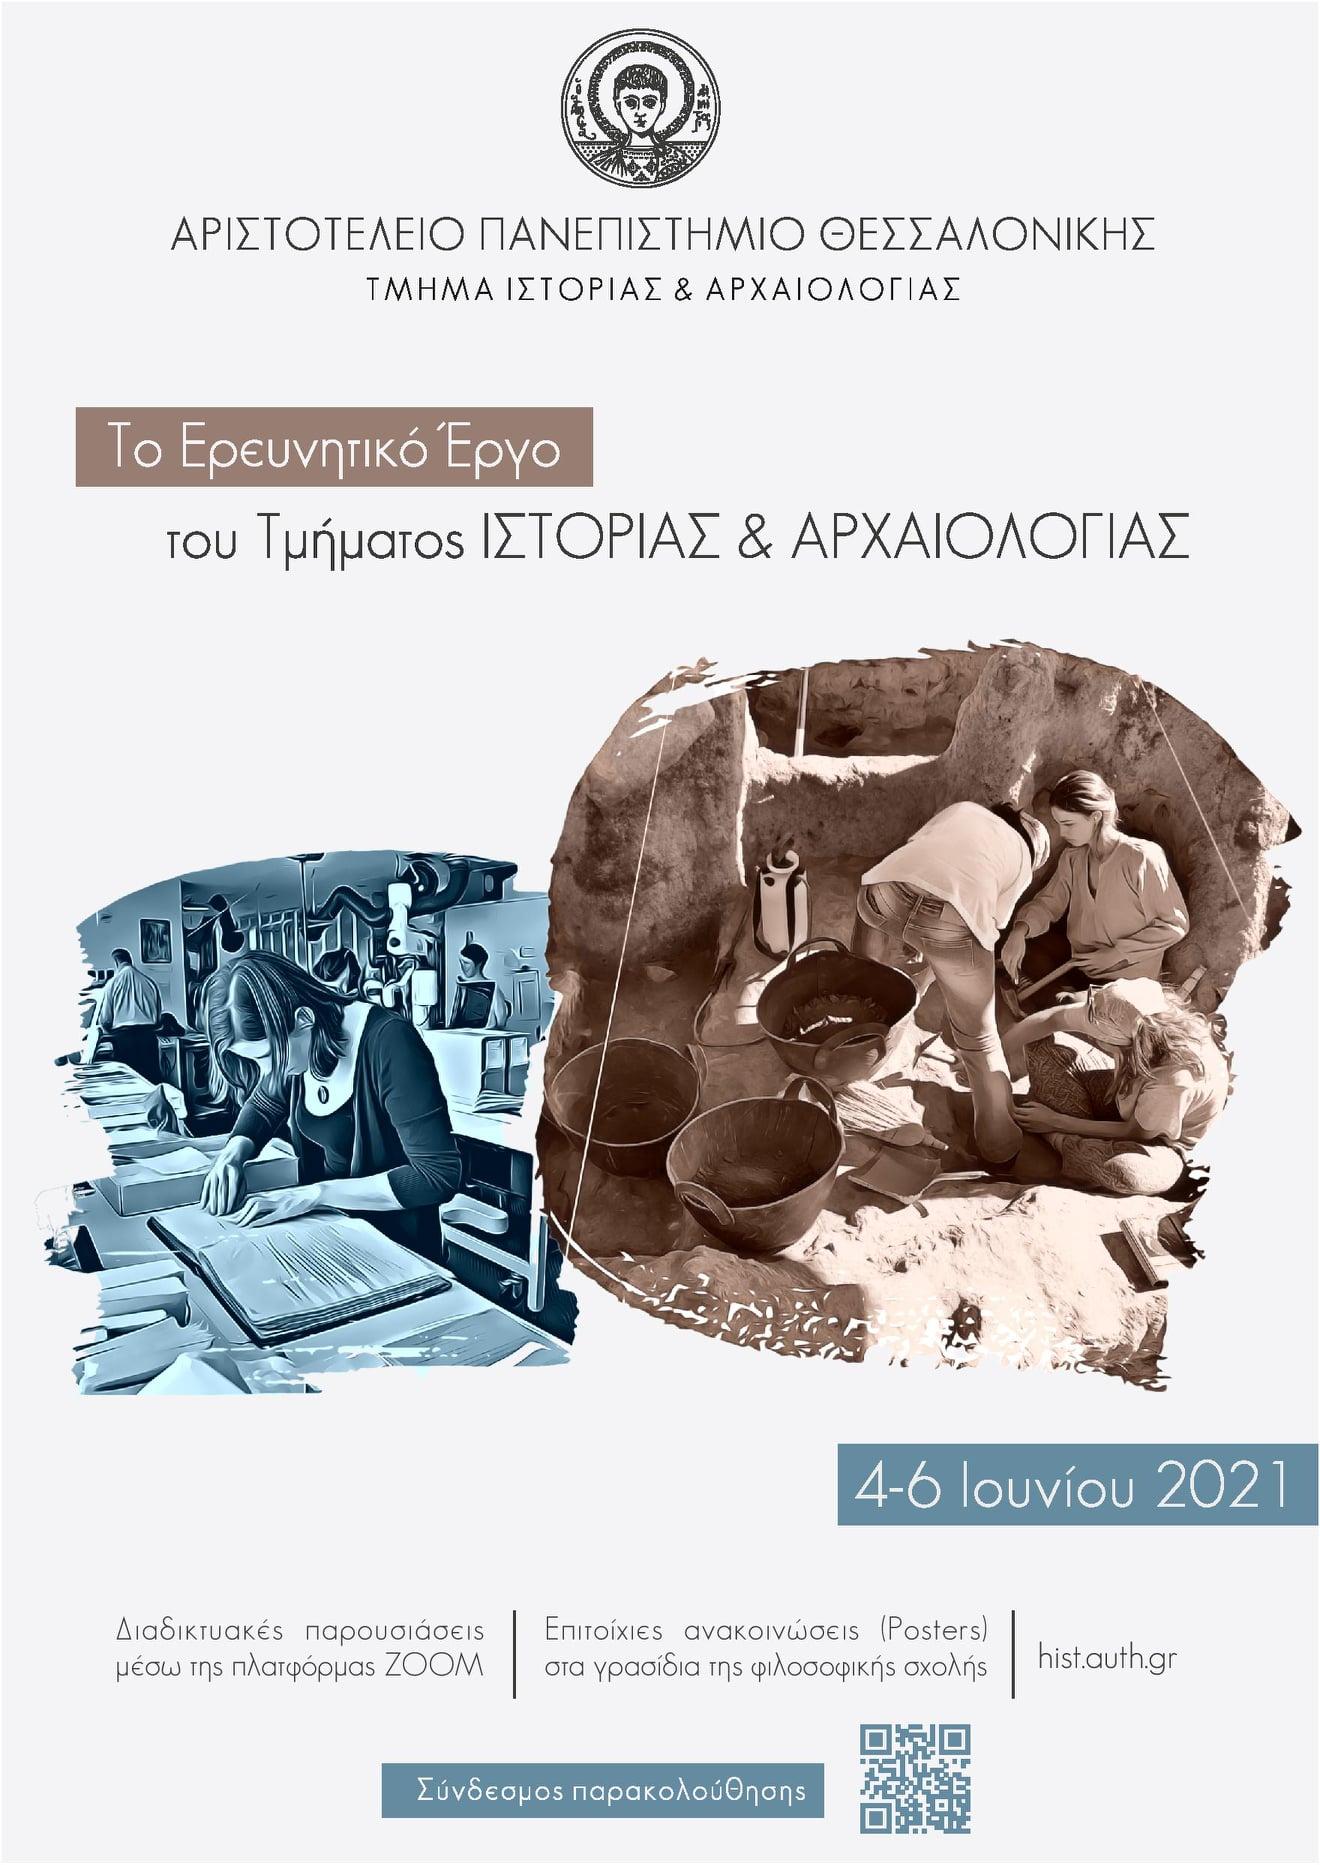 Αφίσα της εκδήλωσης από το ΑΠΘ